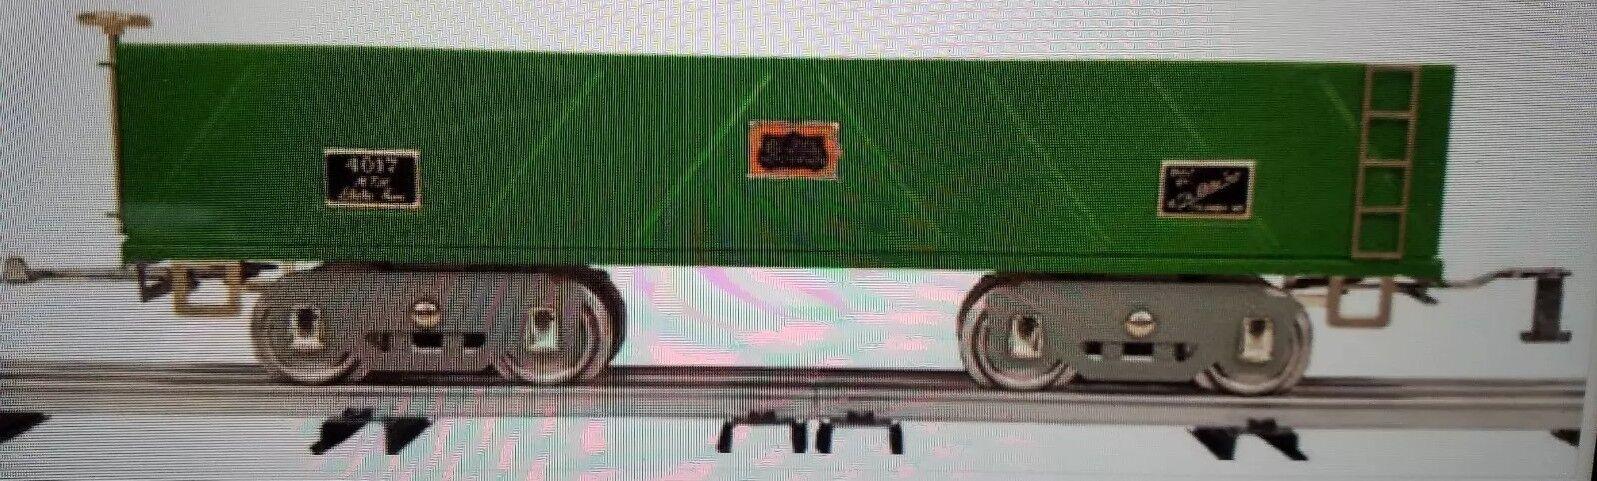 MTH 10 -2198 American flygagaer 4017 Sandbil ståard Gage Tinplate NIB